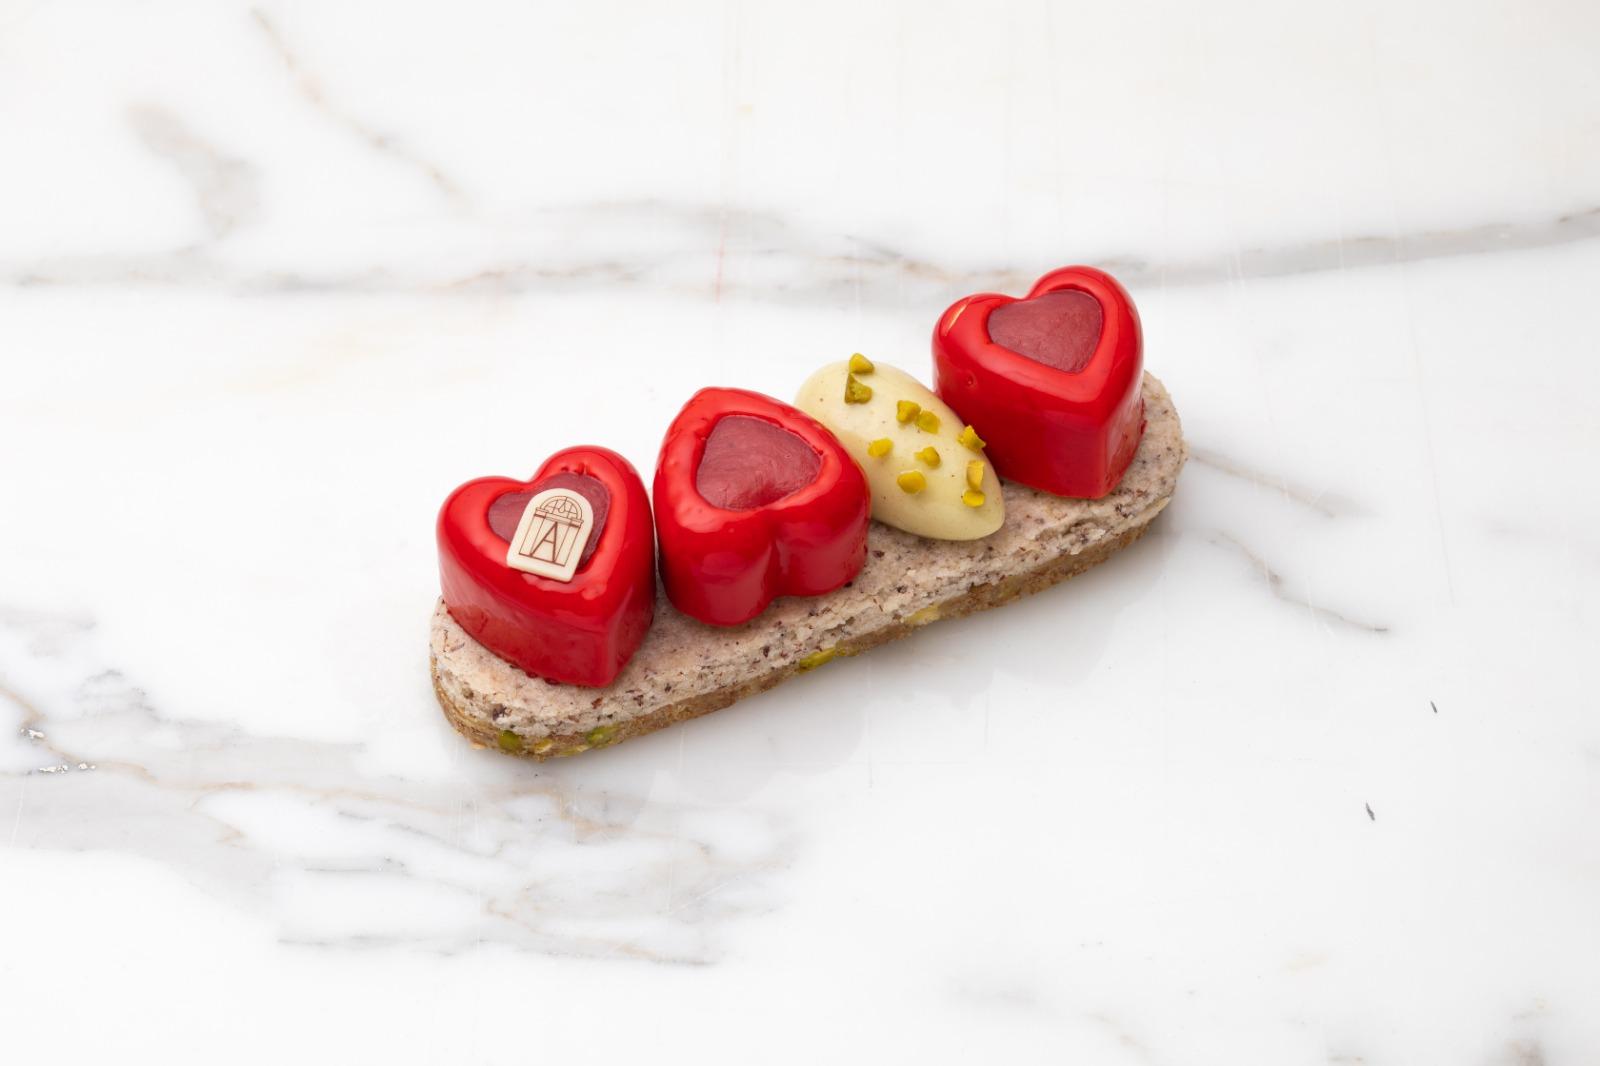 حلوى هارموني من أنجلينا بمناسبة عيد الأم 2019